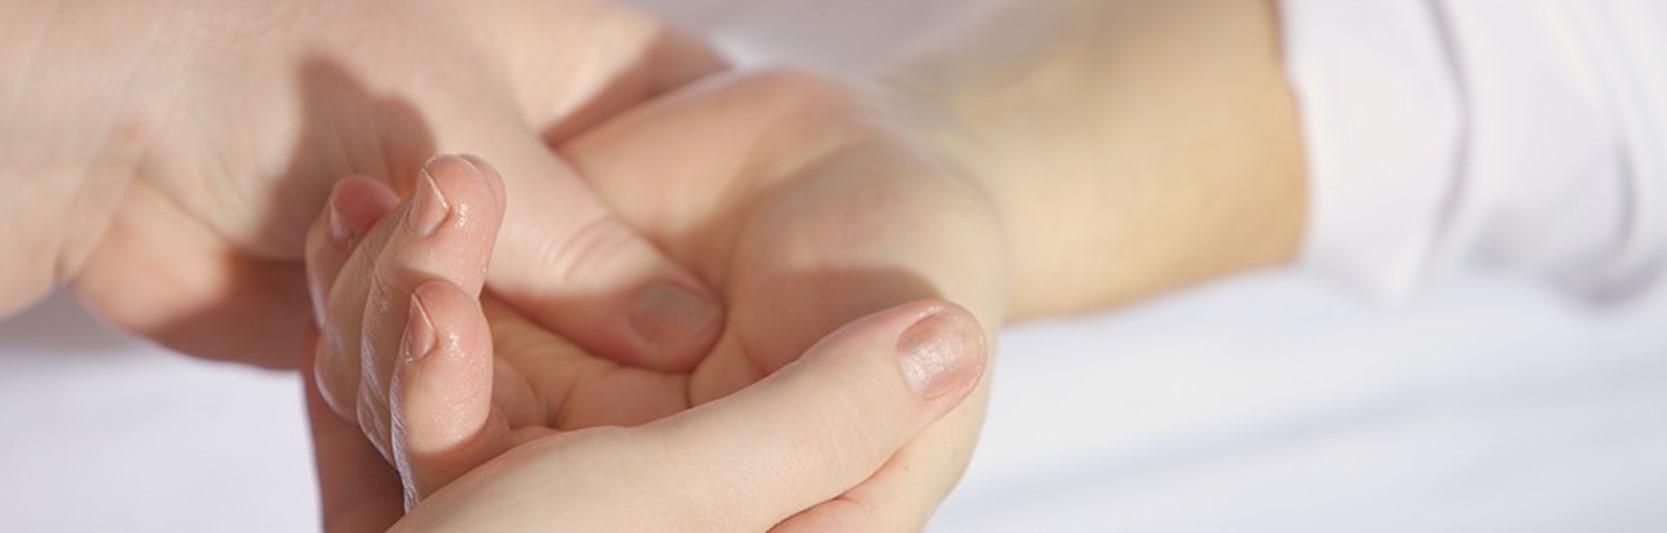 Newsartikel:Wohlfühlen auch im Alter: Wellness für Senioren im Pflegeheim